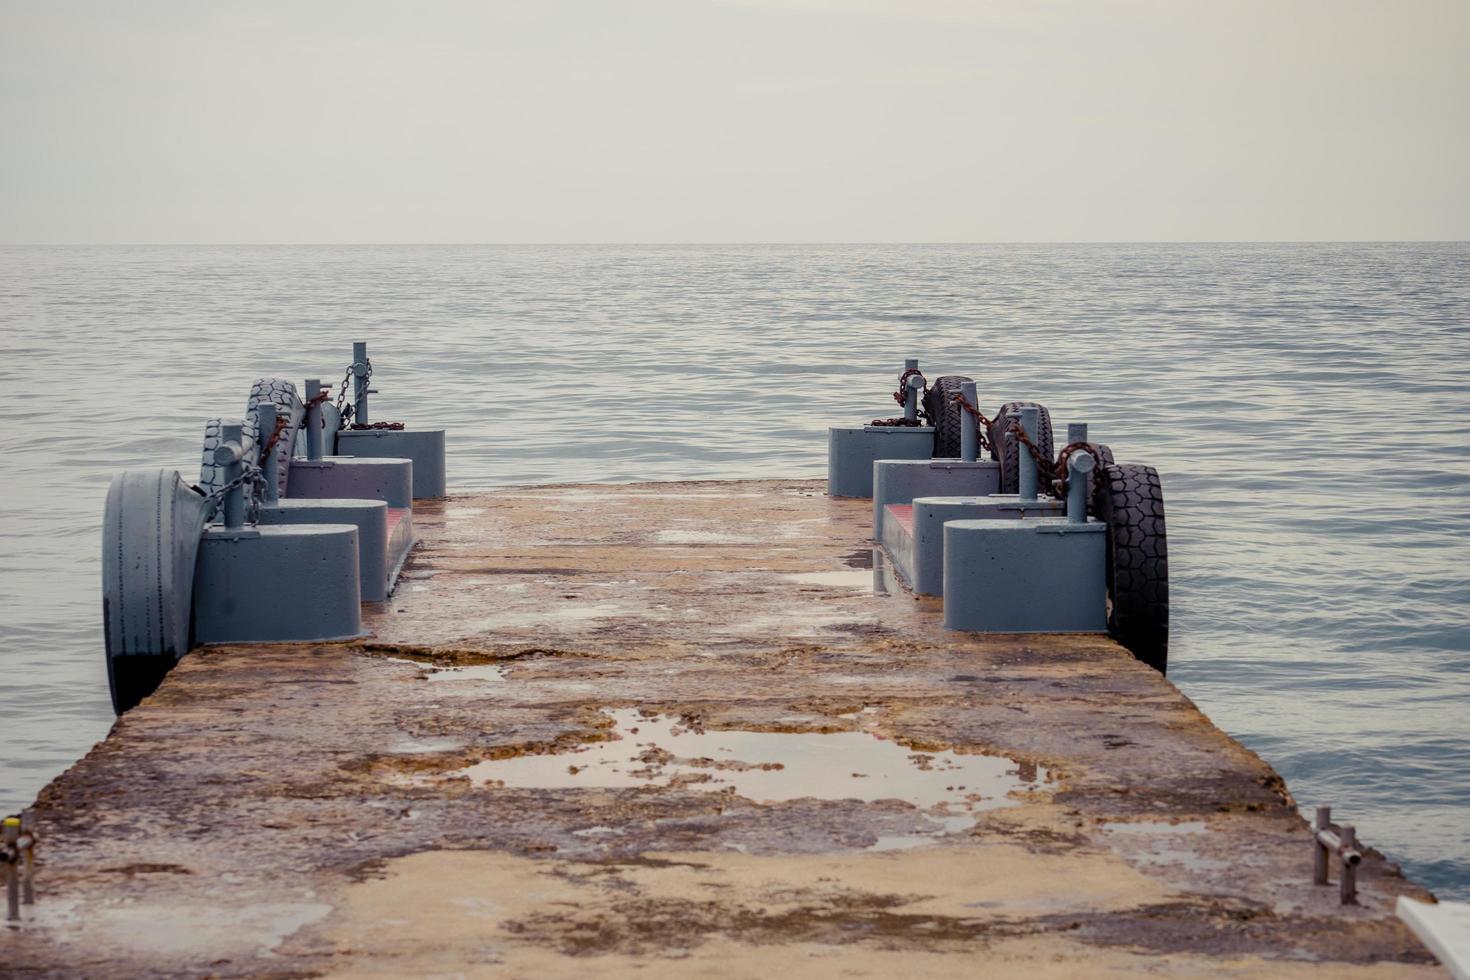 zeegezicht met een pier op de achtergrond van het water foto